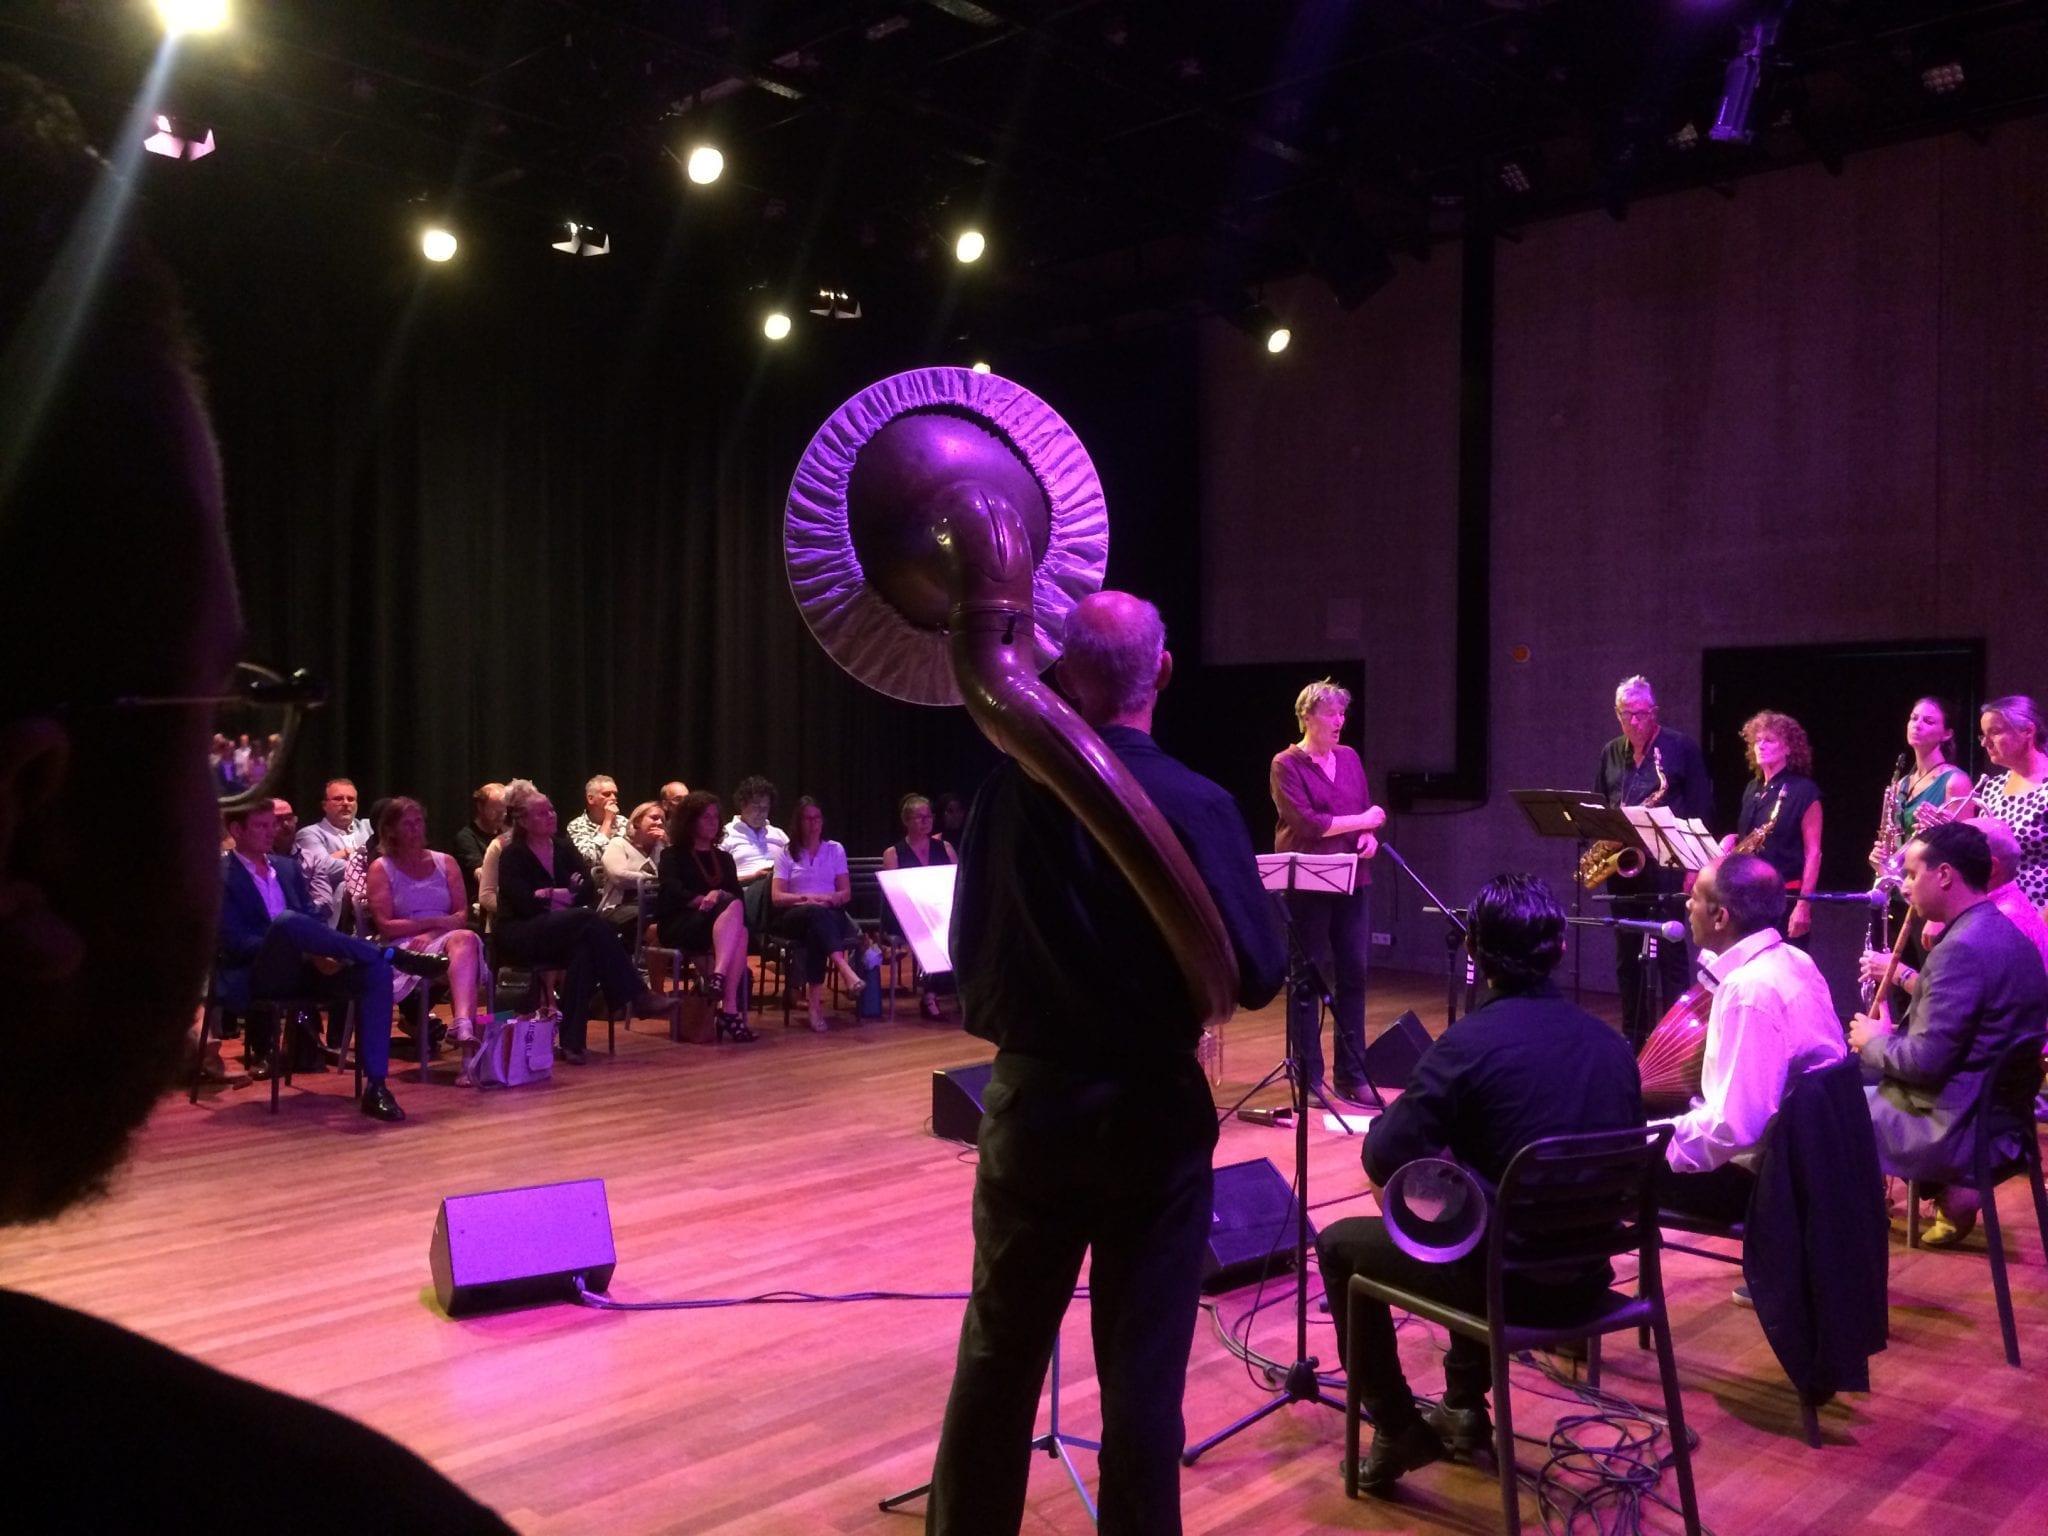 Optreden van Catching Cultures Orchestra tijdens het werkbezoek van de Minister van Cultuur, Onderwijs en Wetenschap op 15 augustus in Het Wilde Westen.